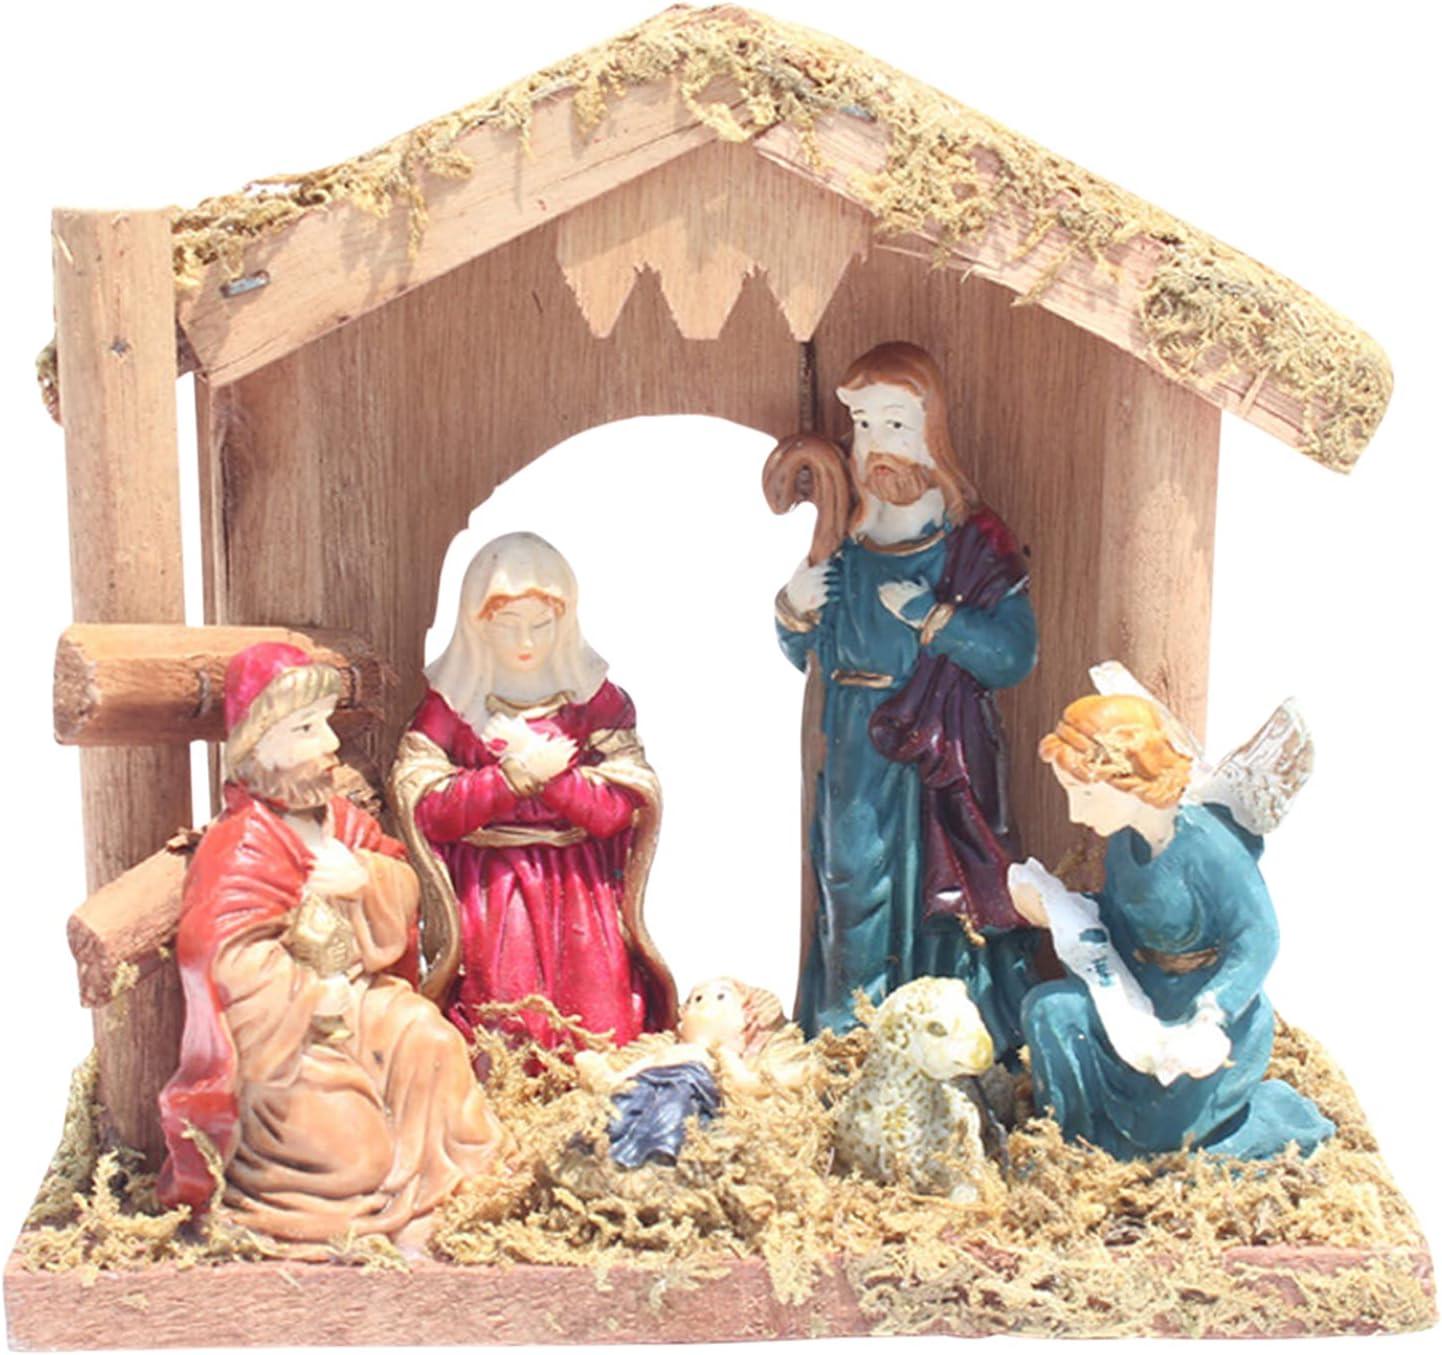 HAOXIU Belén de madera, Belén de Navidad, escena decorativa de resina, escena de belén